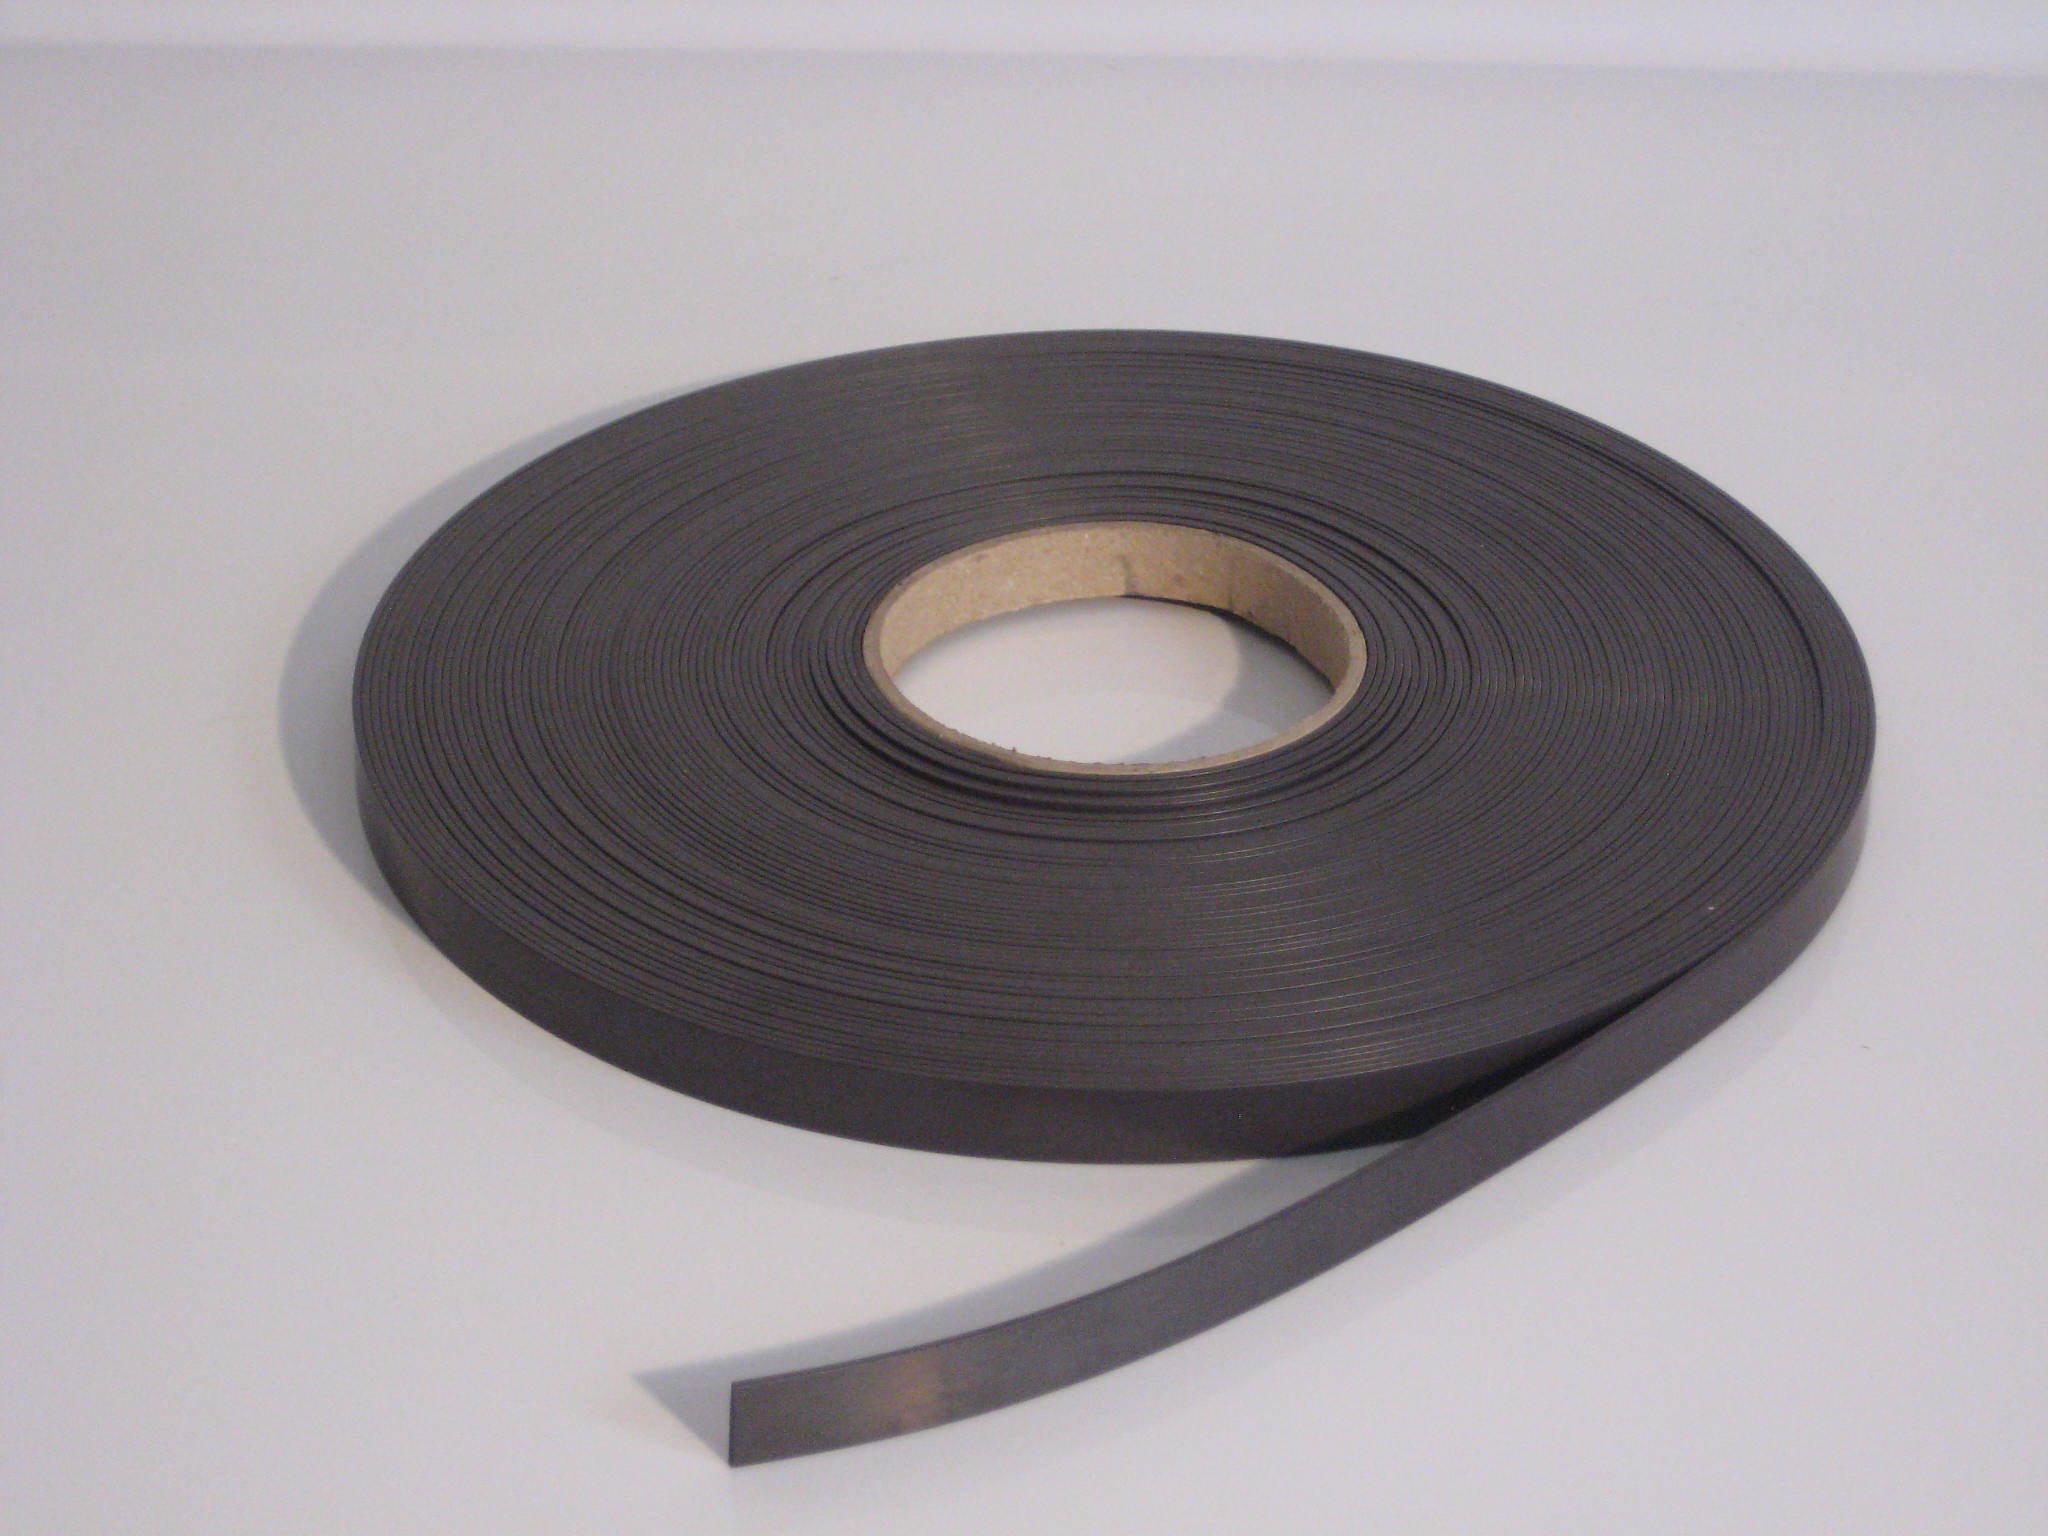 Self Adhesive Magnetic Tape